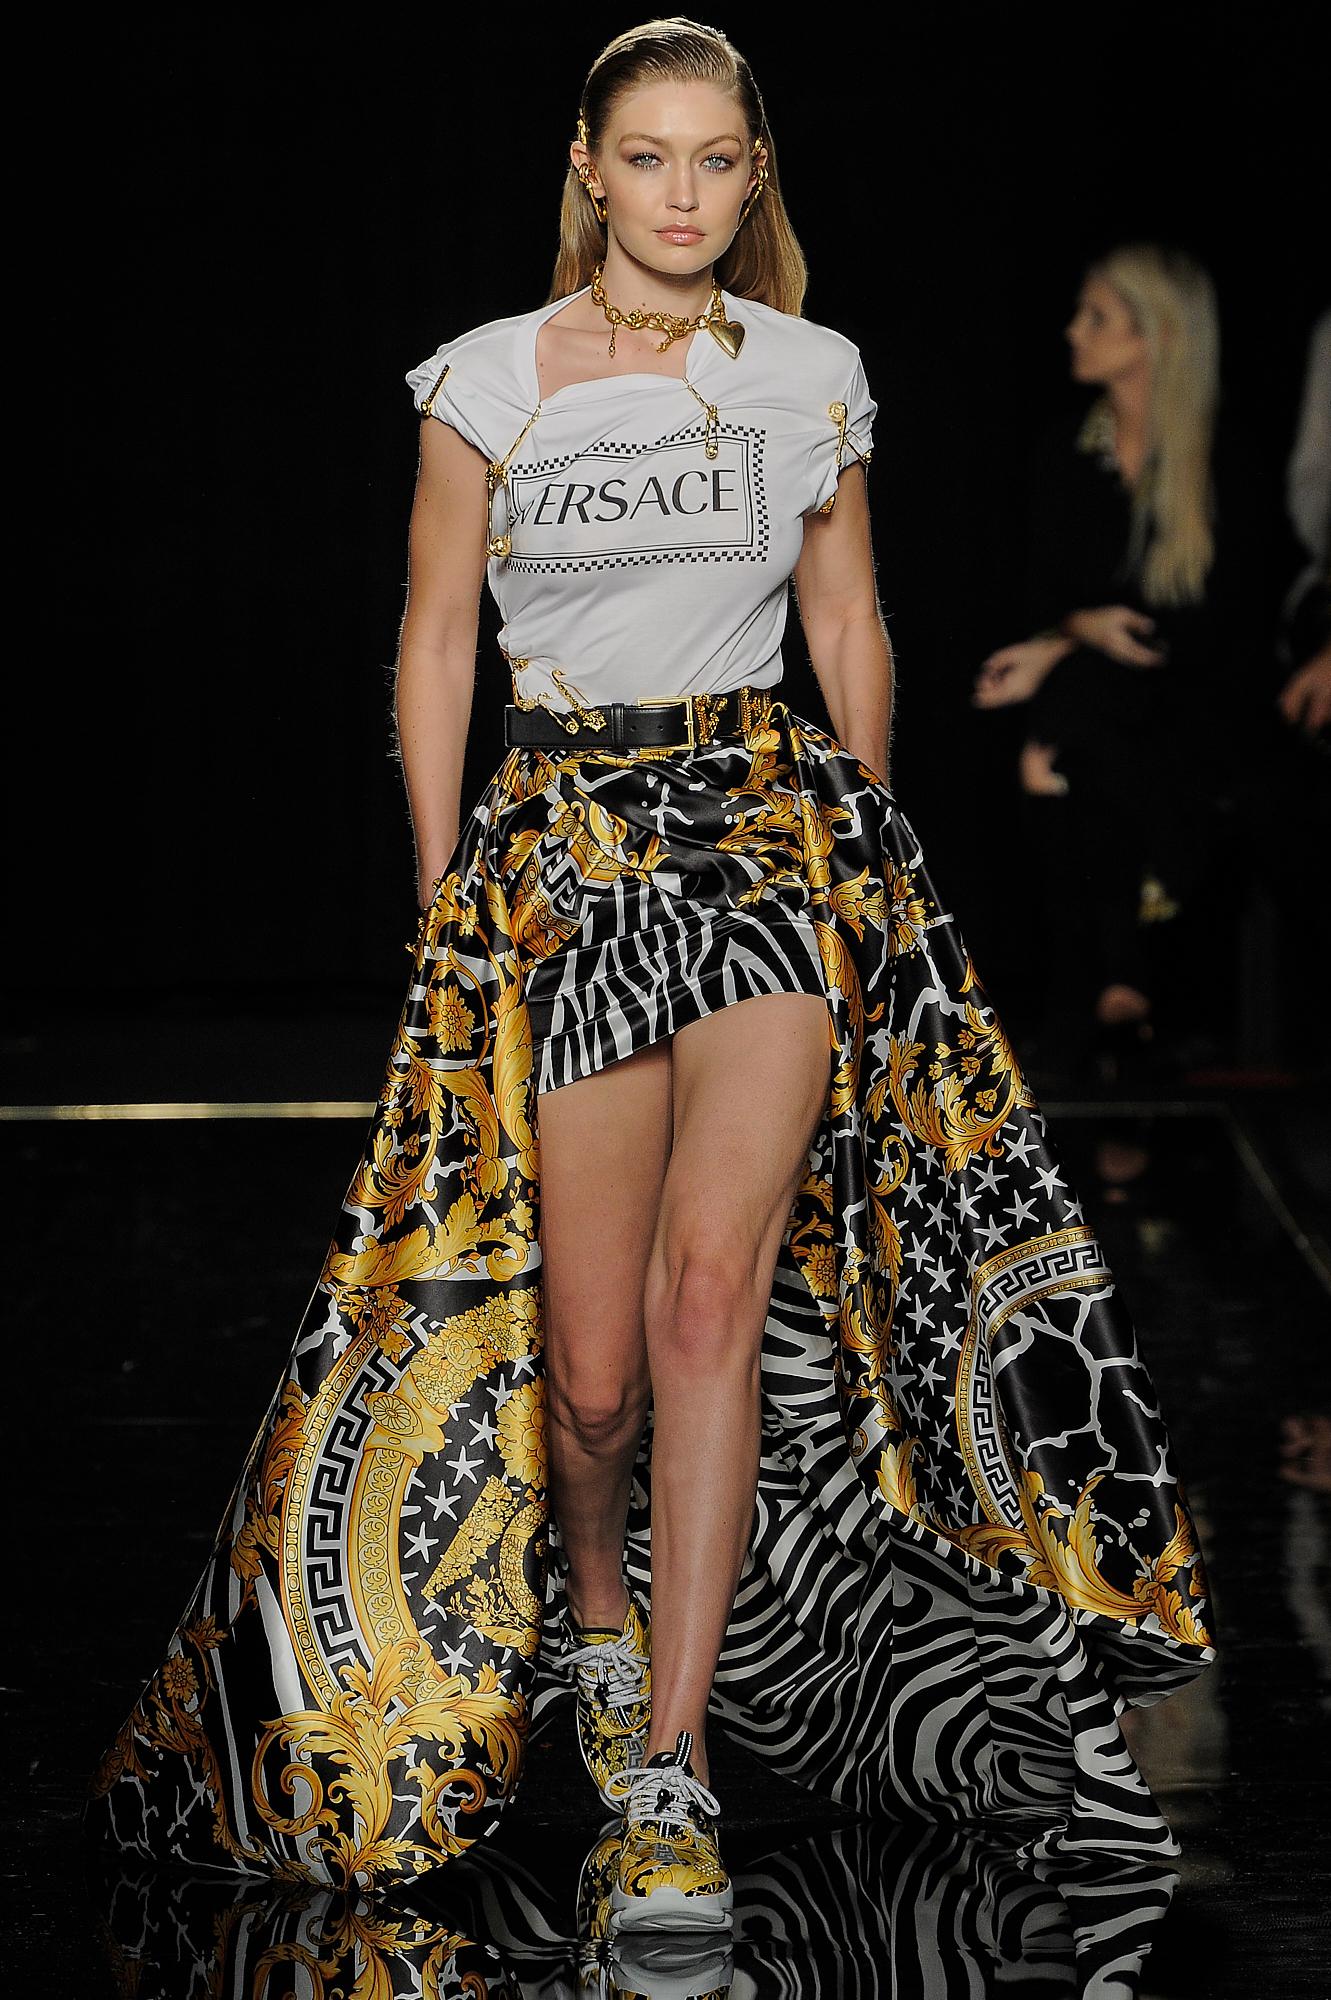 Versace_9_68_versace_runway_runway_00009.jpg